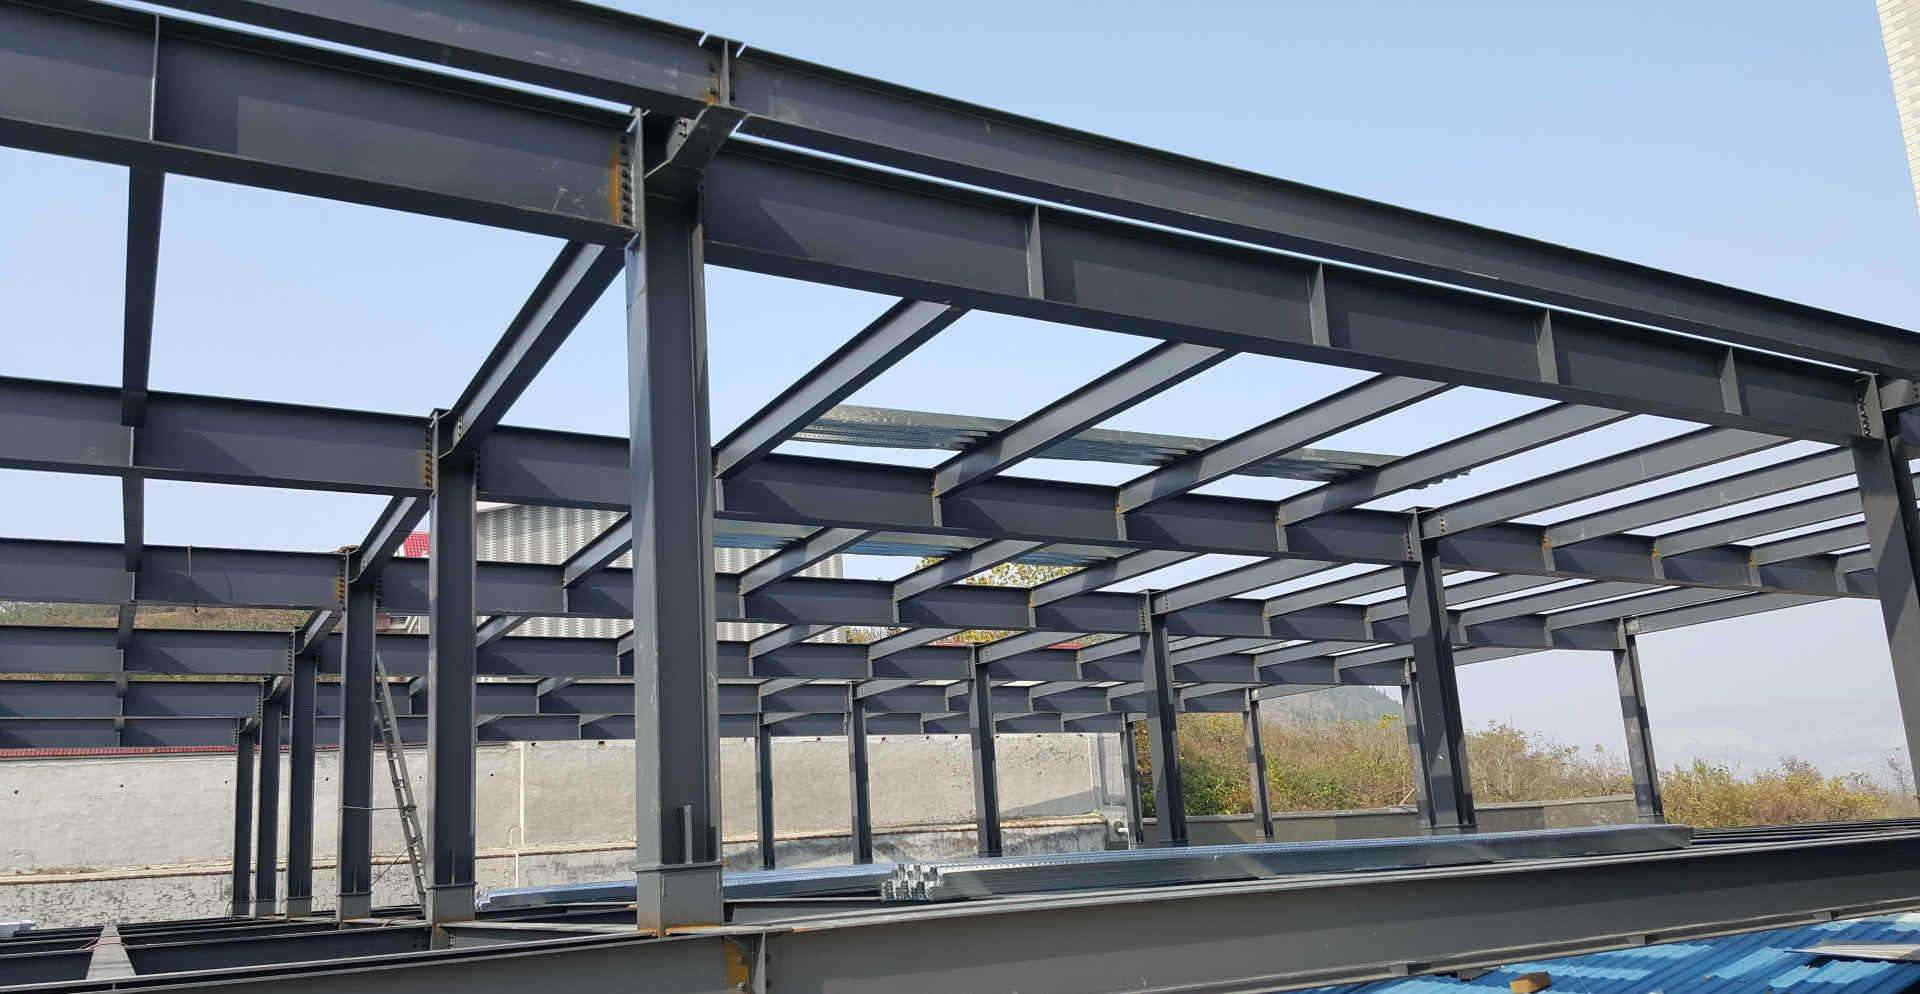 钢框架结构体系和钢骨架轻型板